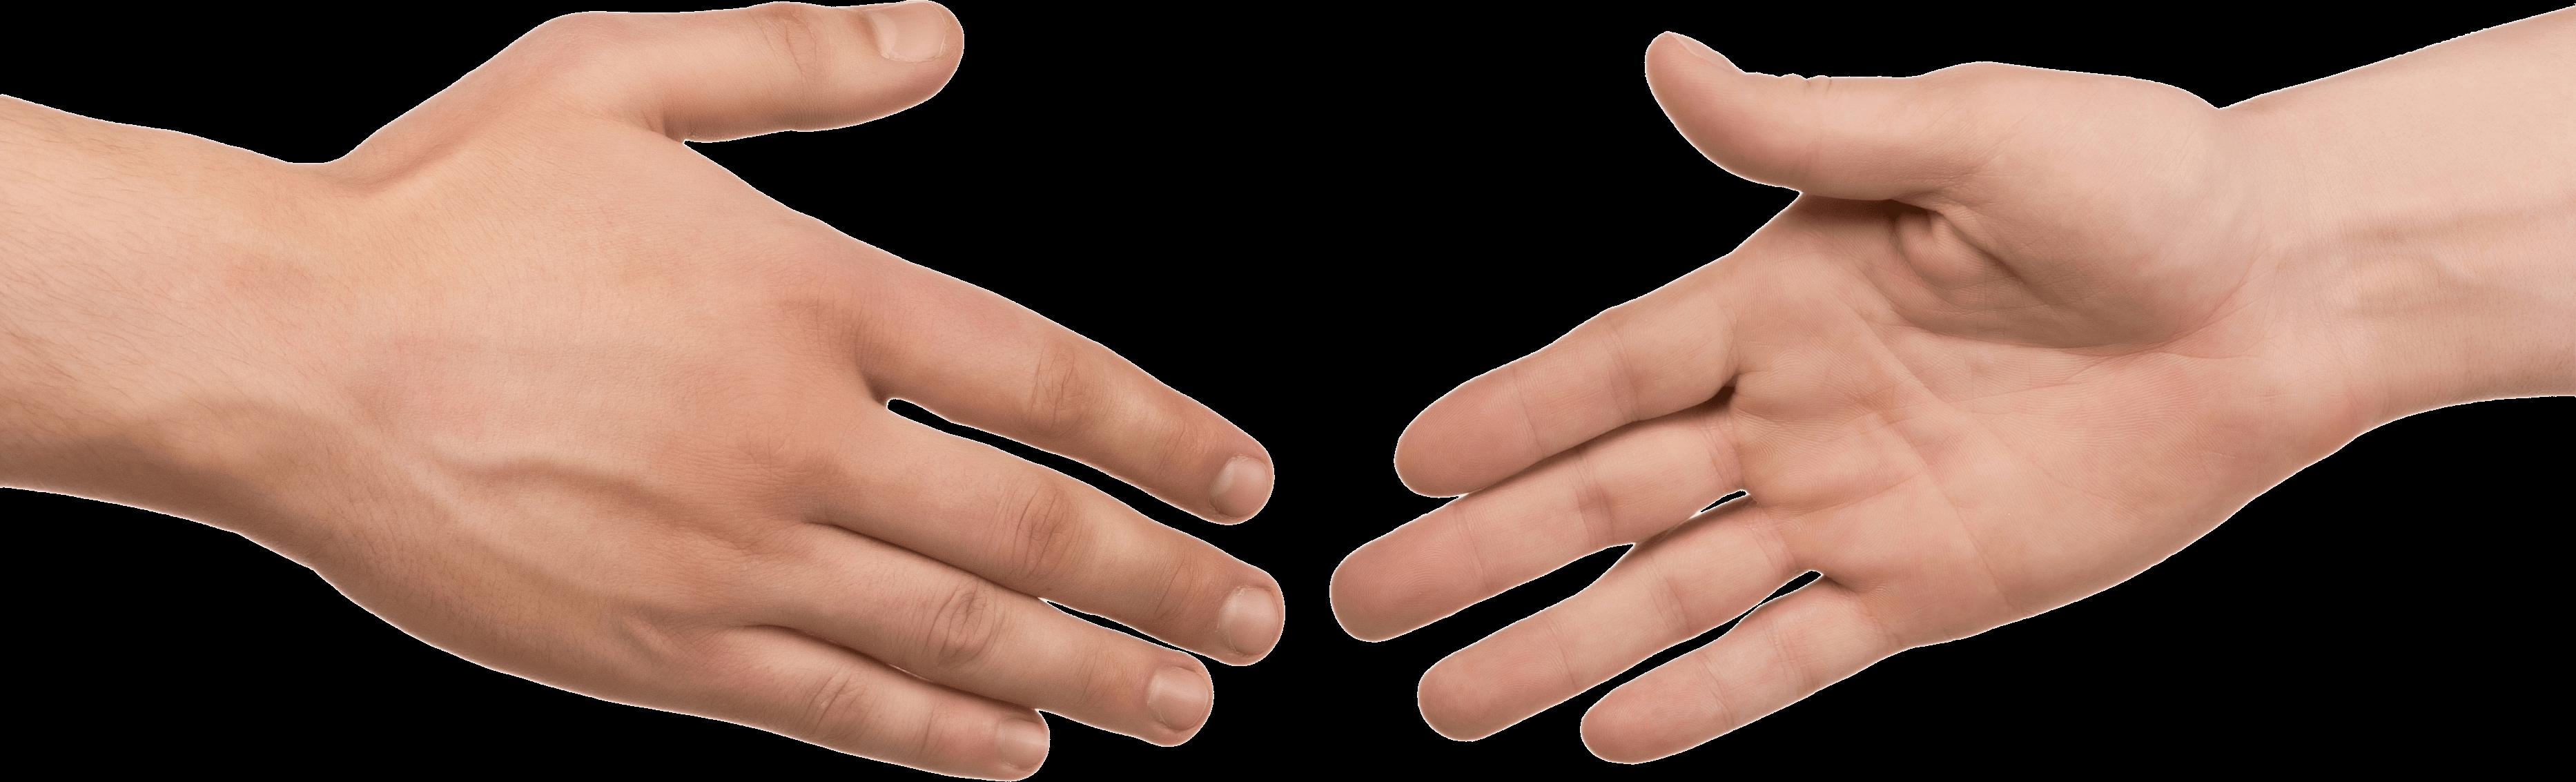 Download Handshake Png Hands Image Download HQ PNG Image.